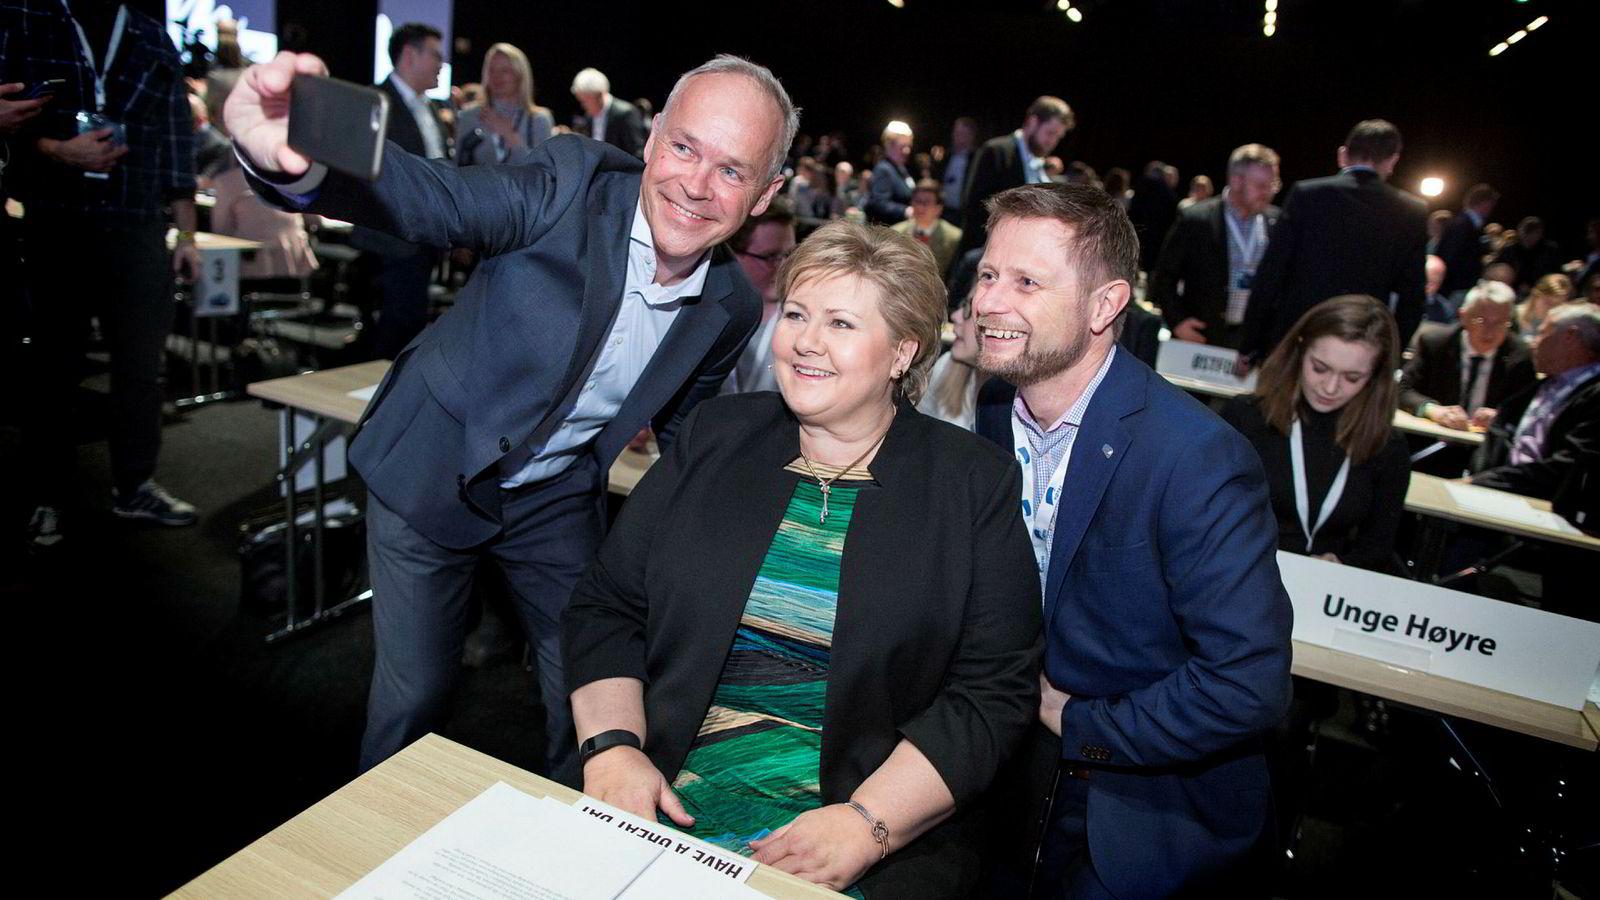 Høyre betaler annonser på Facebook for å påvirke KrF til å la Høyre få beholde regjeringsmakten. De skriver sinte kronikker, og statsministeren gir intervjuer om KrFs «maktbehov» og «mangel på demokrati». Her statsminister Erna Solberg med nestlederne Jan Tore Sanner (til venstre) og Bent Høie.